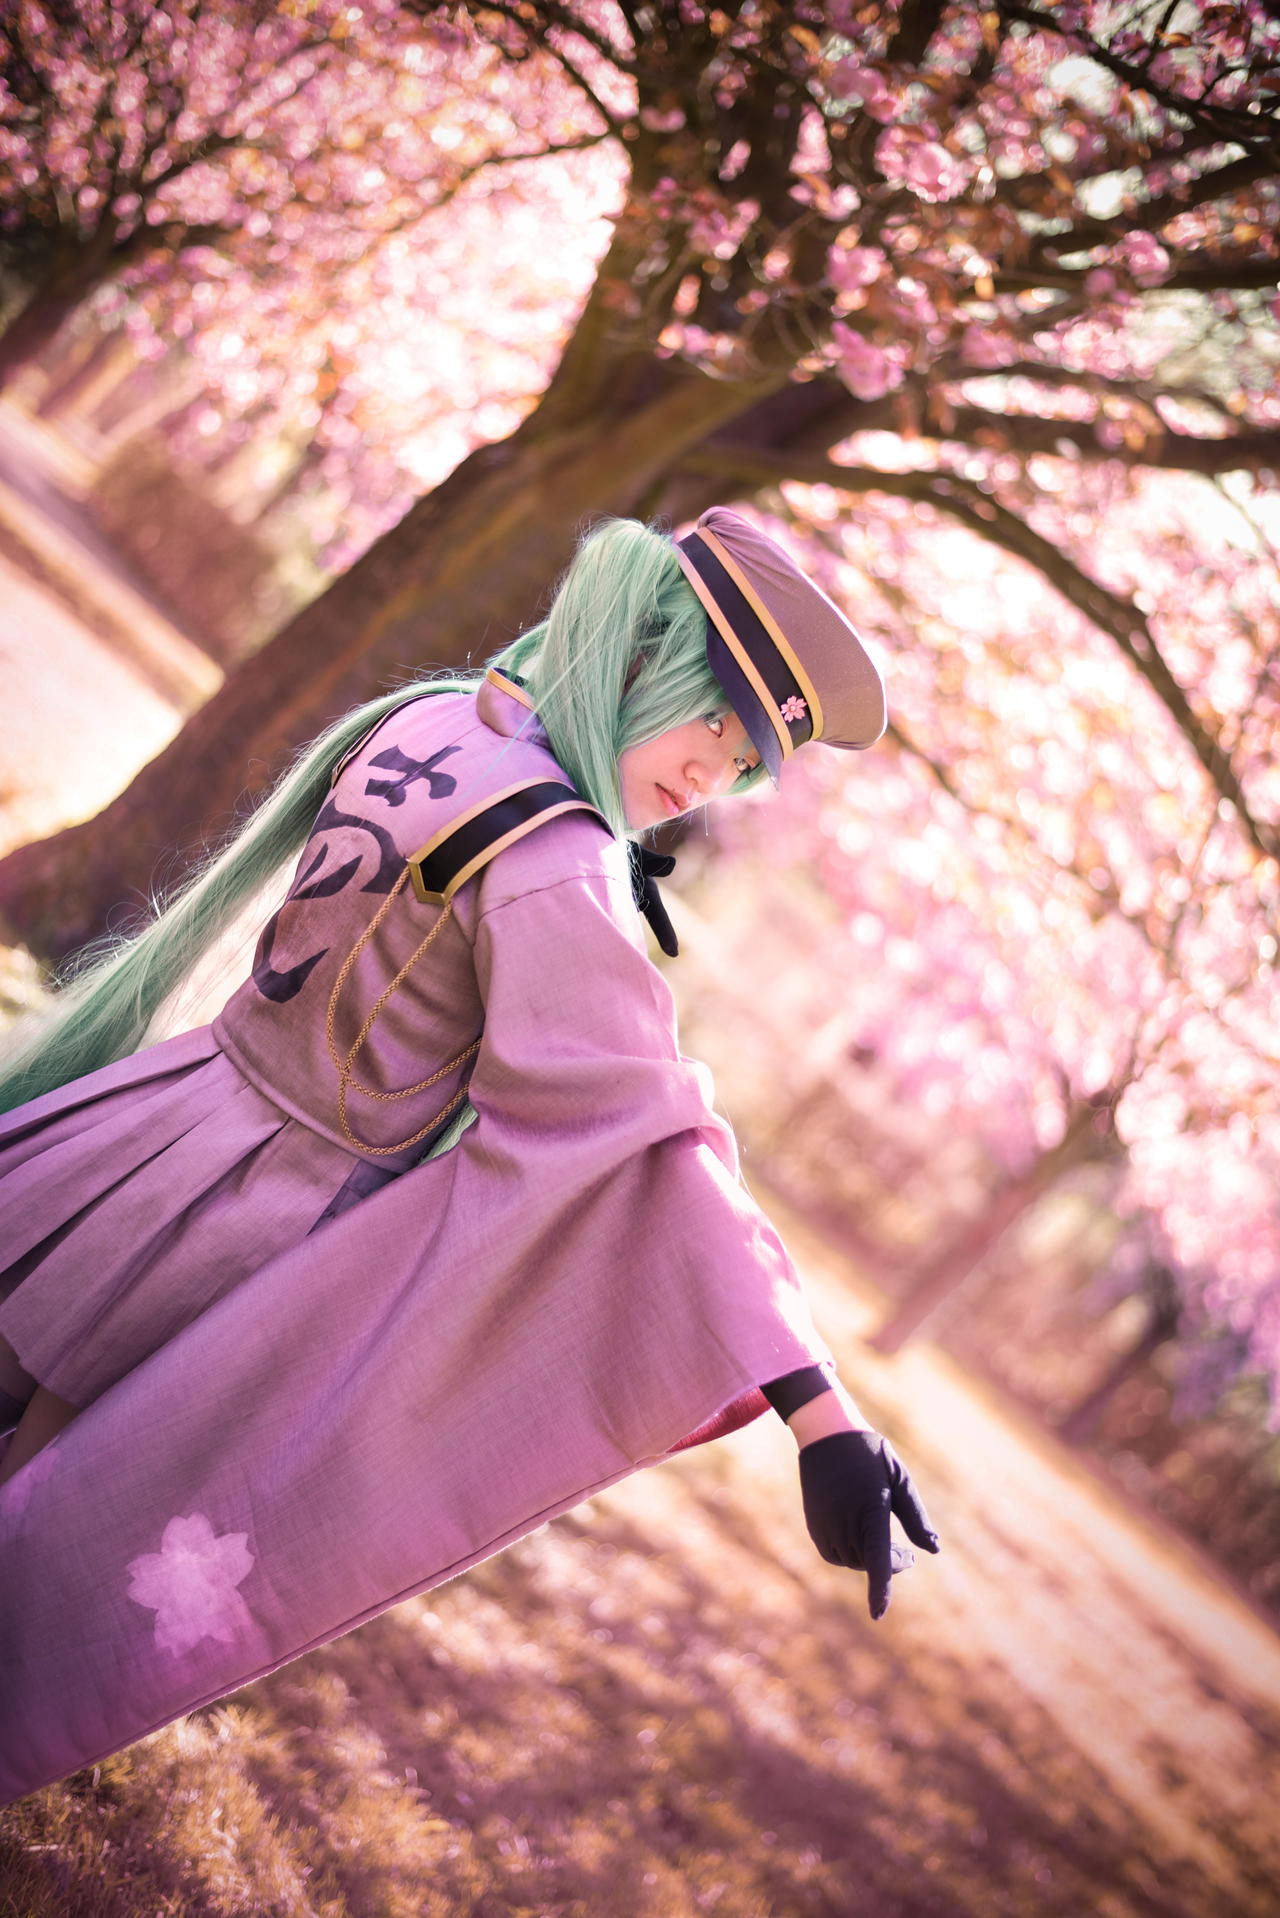 Senbonzakura - Ichirin no Hana by TrustOurWorldNow